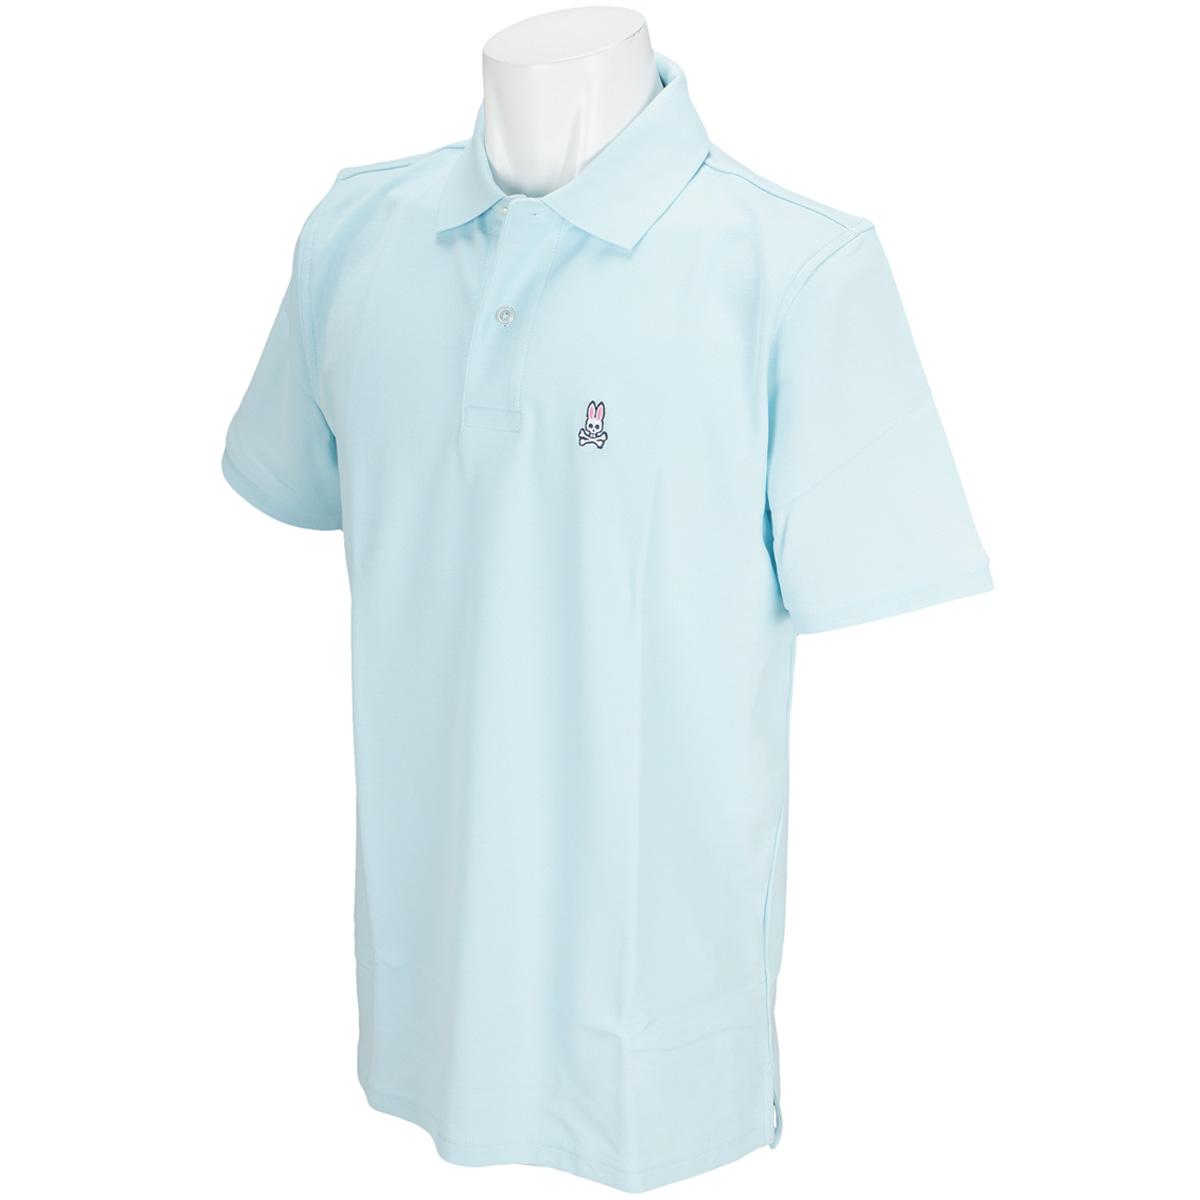 インポート半袖ポロシャツ